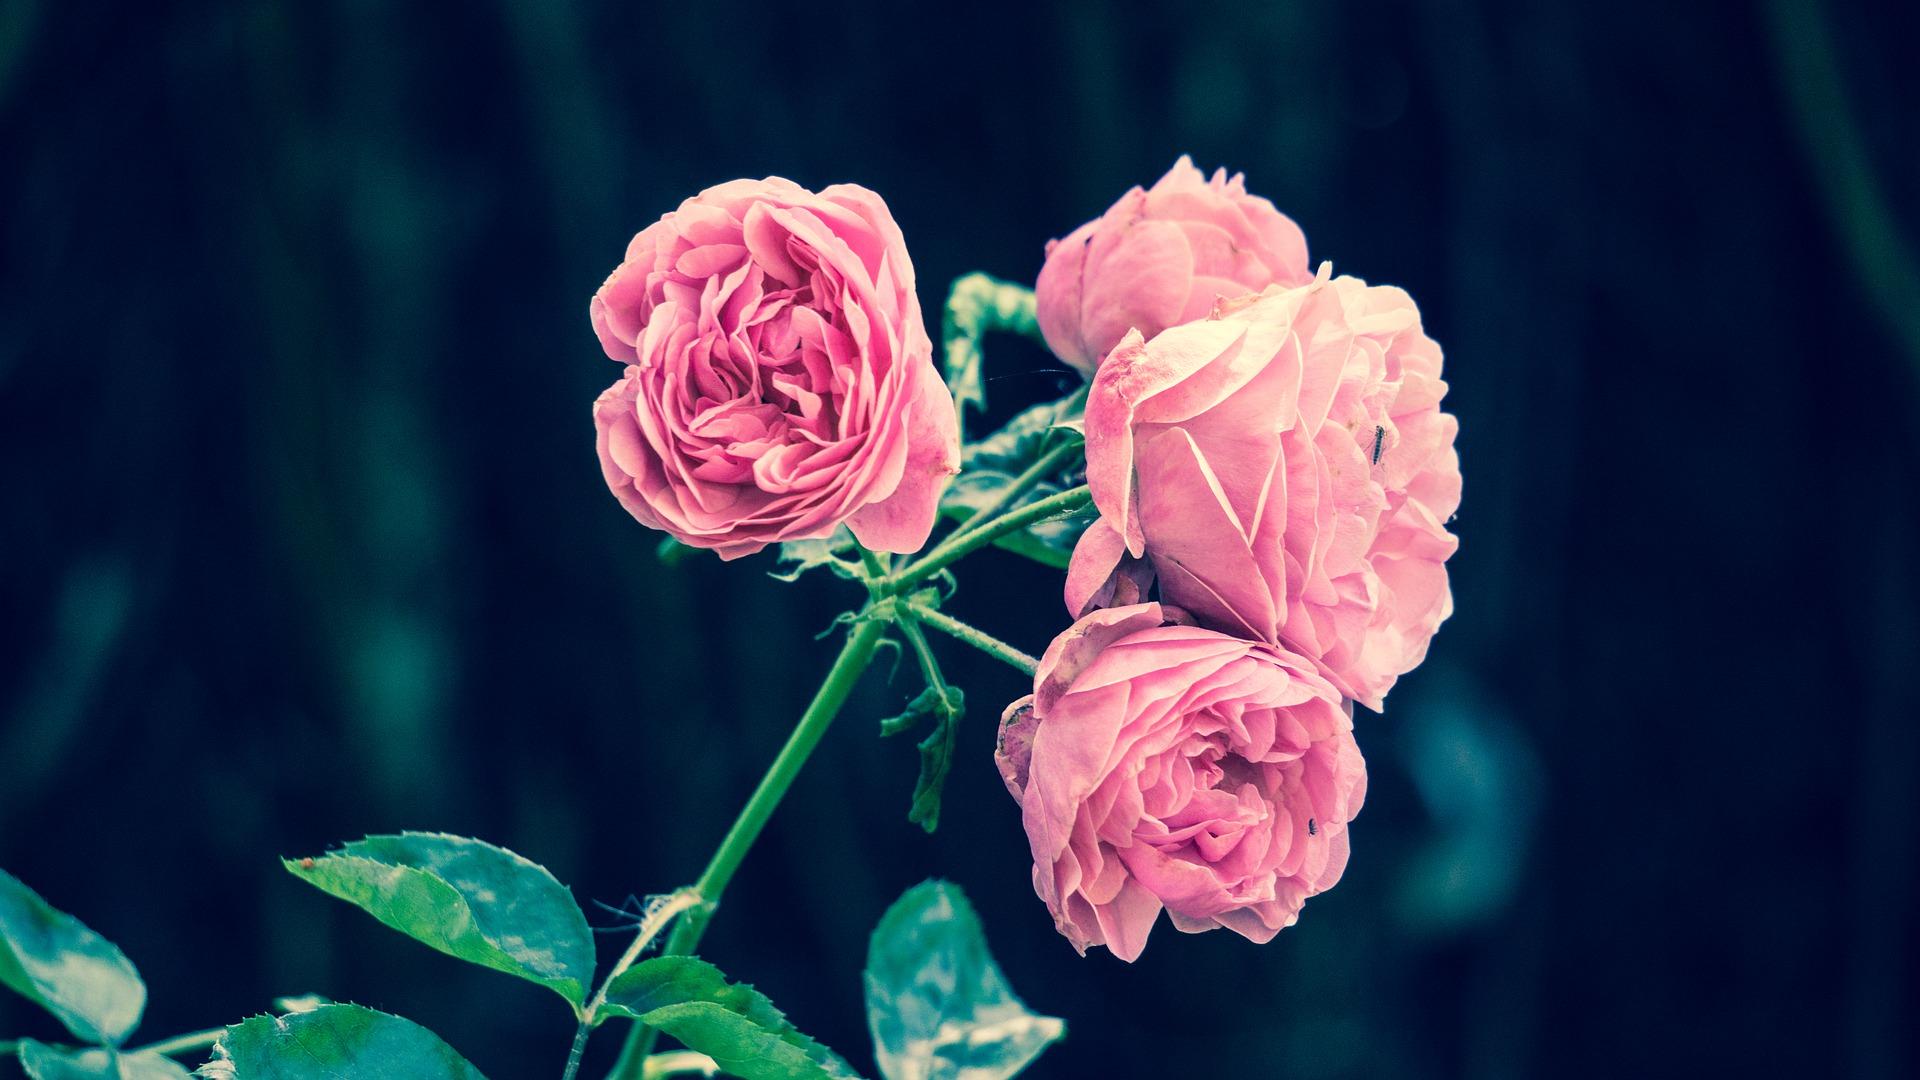 pink roses 2533389 1920 - Activités et stages - OCA Bonneville